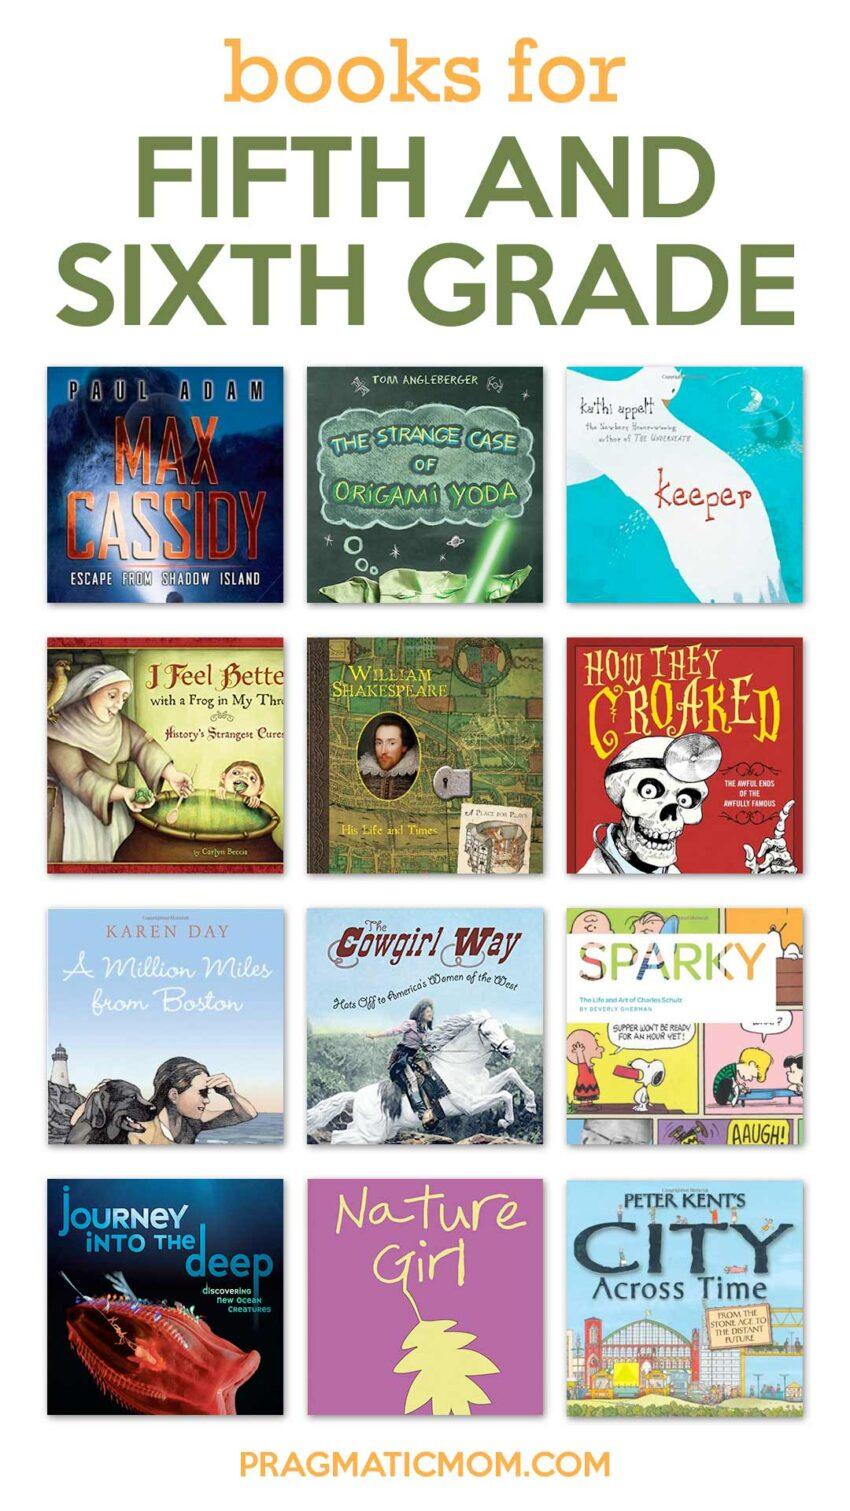 Books for 5th Grade and 6th Grade